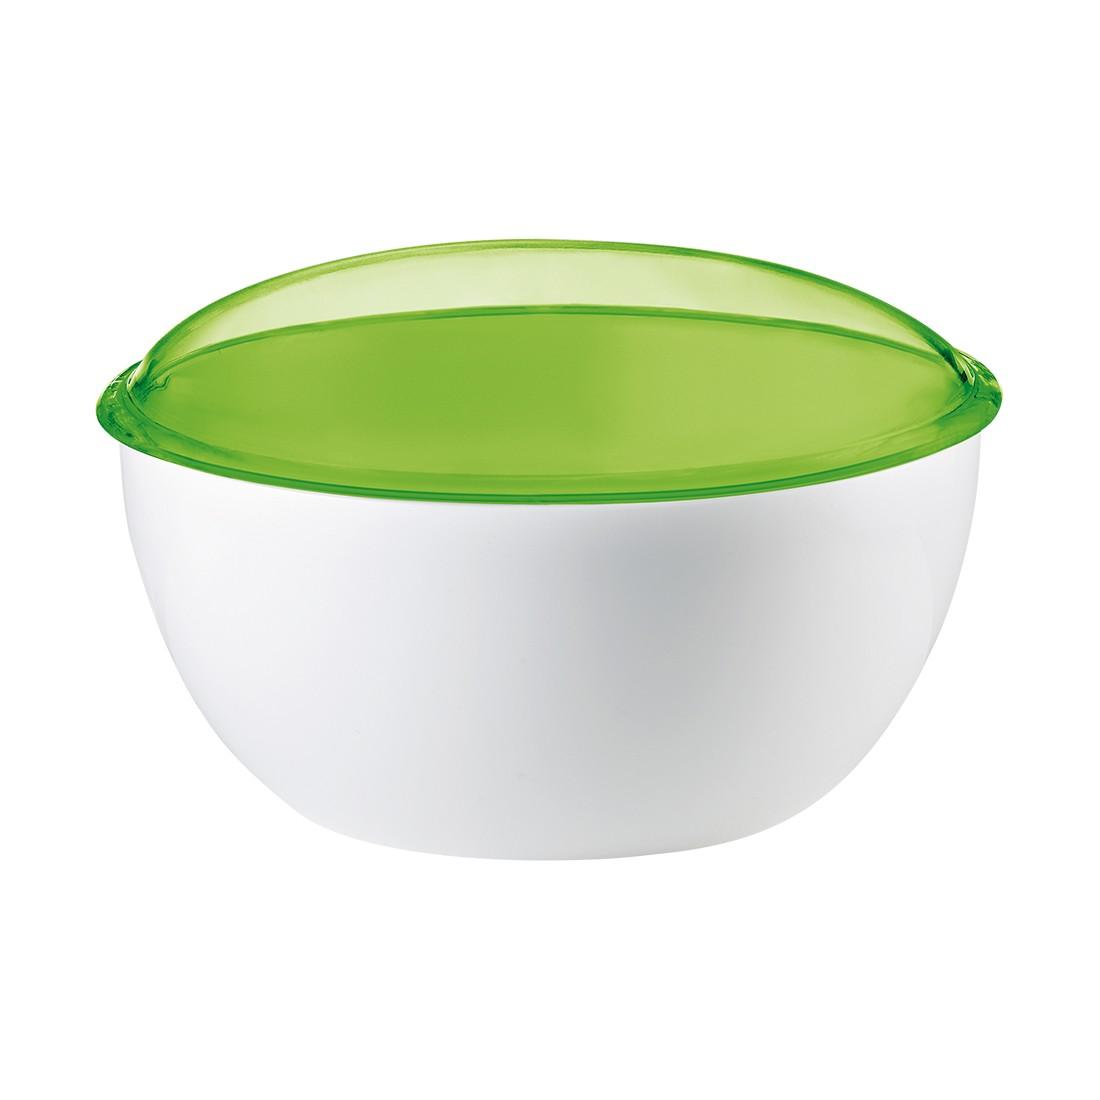 Keksdose Gocce rund – Kunststoff Grün, Guzzini jetzt bestellen